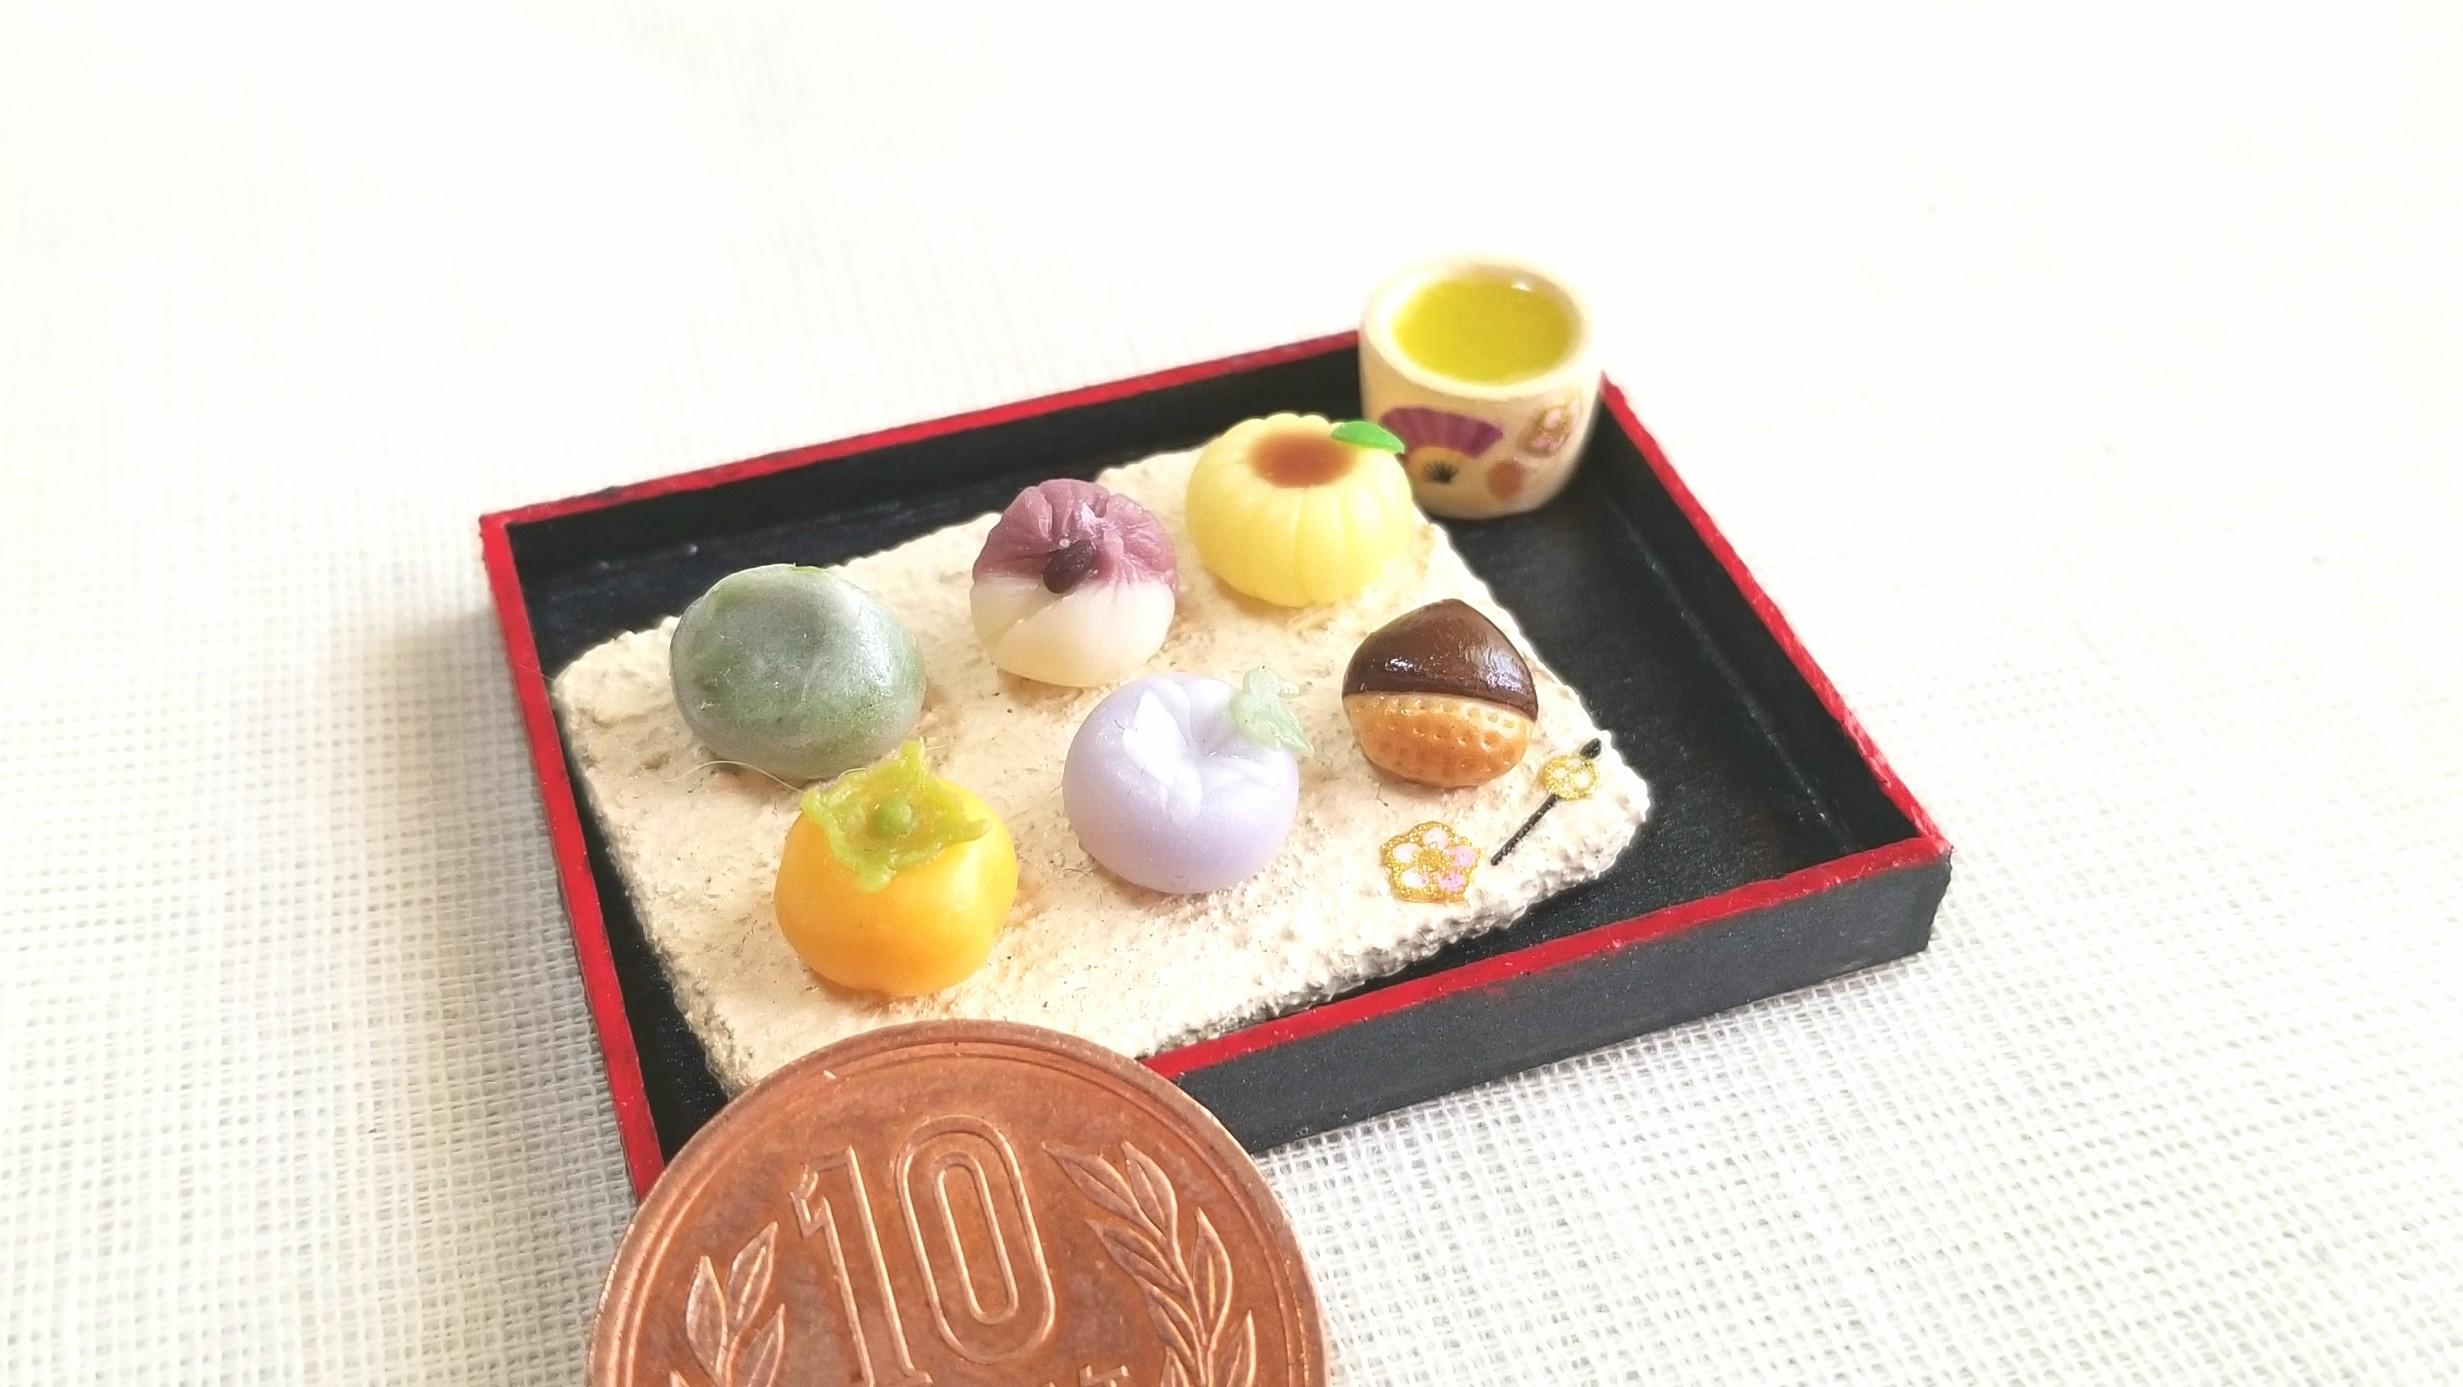 ミニチュア和菓子,樹脂粘土,リアルなドール小物,おもちゃ雑貨,人気